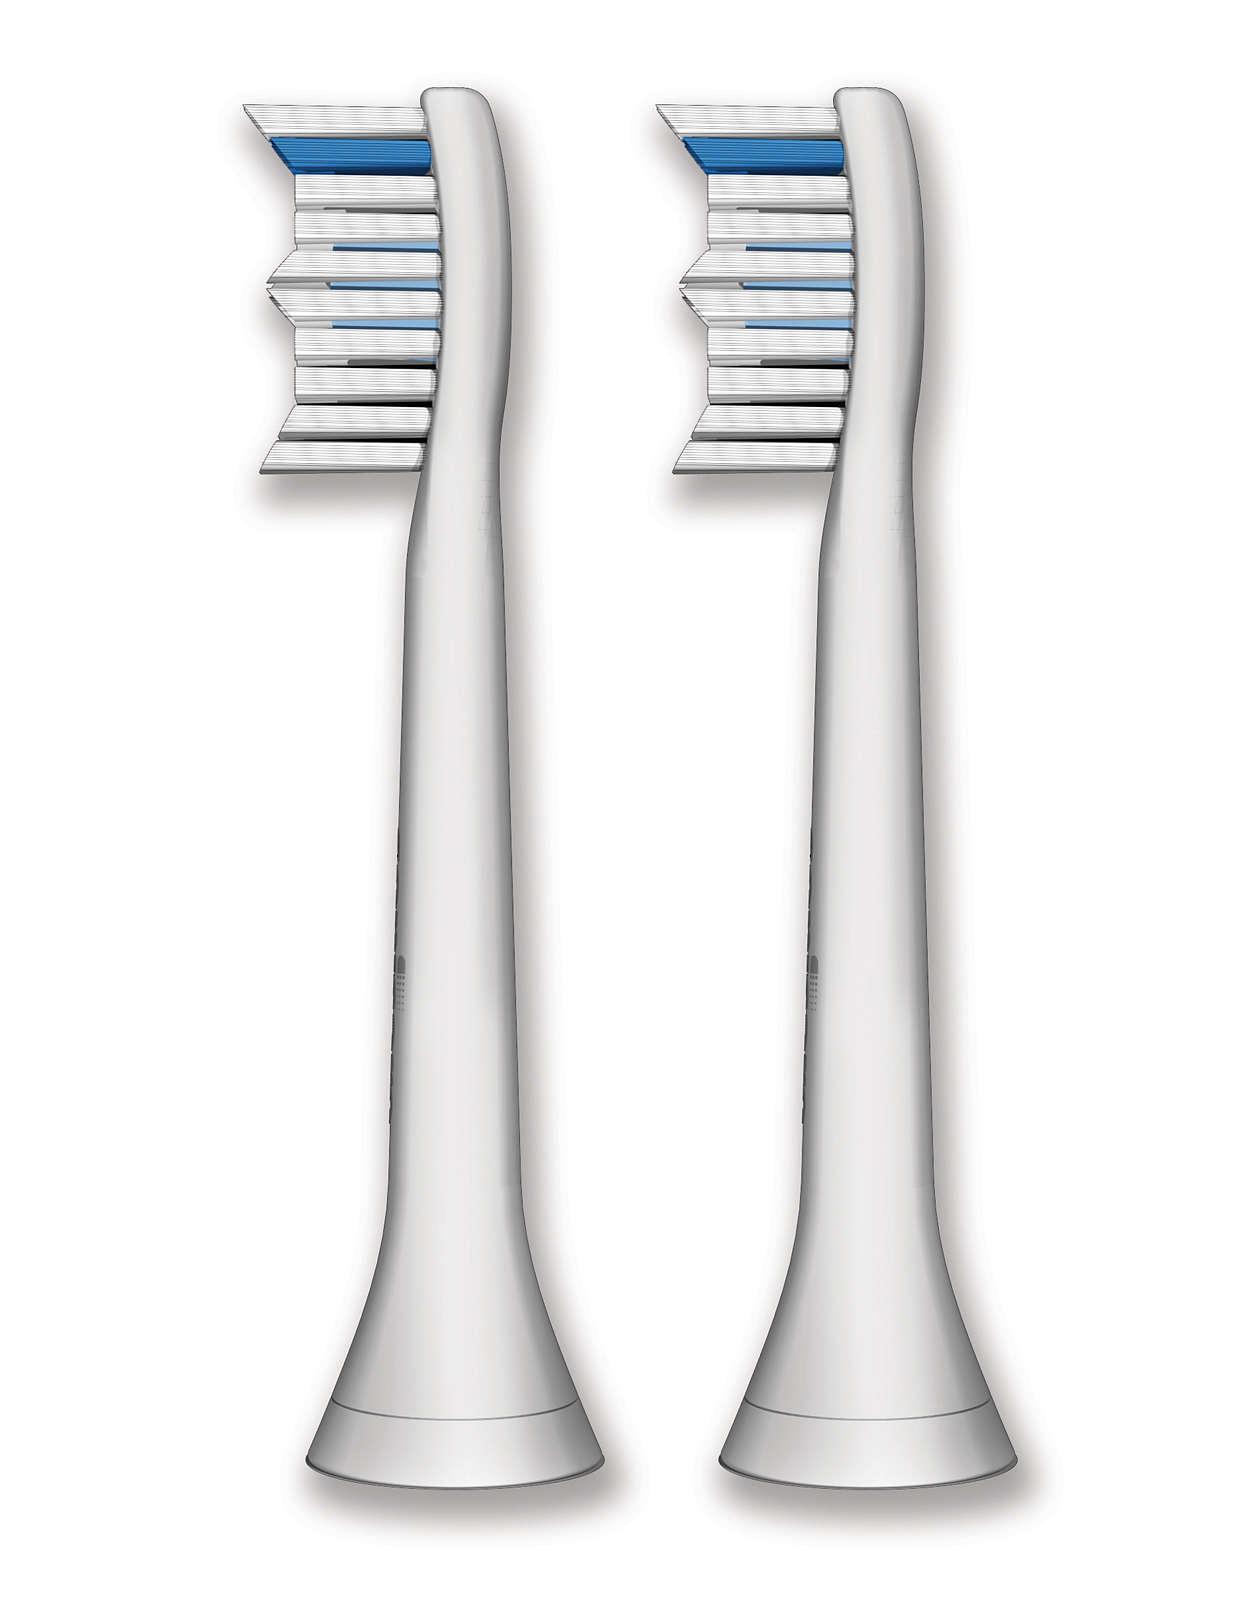 Rengjøring mellom tennene